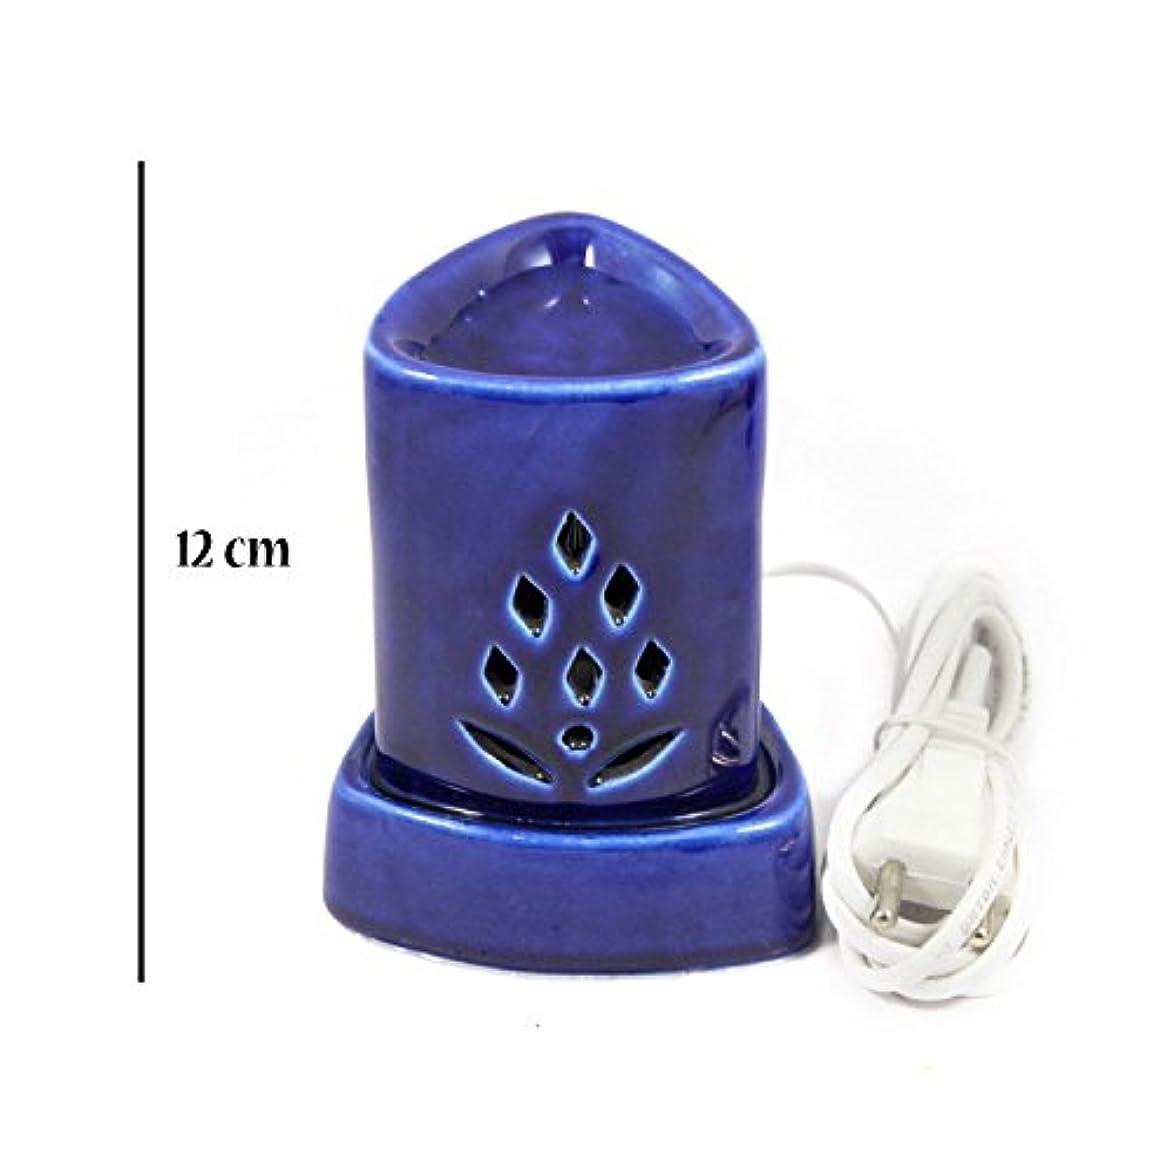 怖がって死ぬ鉛拡声器インドホームインテリア定期的な使用法汚染フリーハンドメイドセラミック粘土電気アロマオイルバーナー&ティーライトランプ/良質ホワイトカラー電気アロマオイルバーナーまたはアロマオイルディフューザー数量1